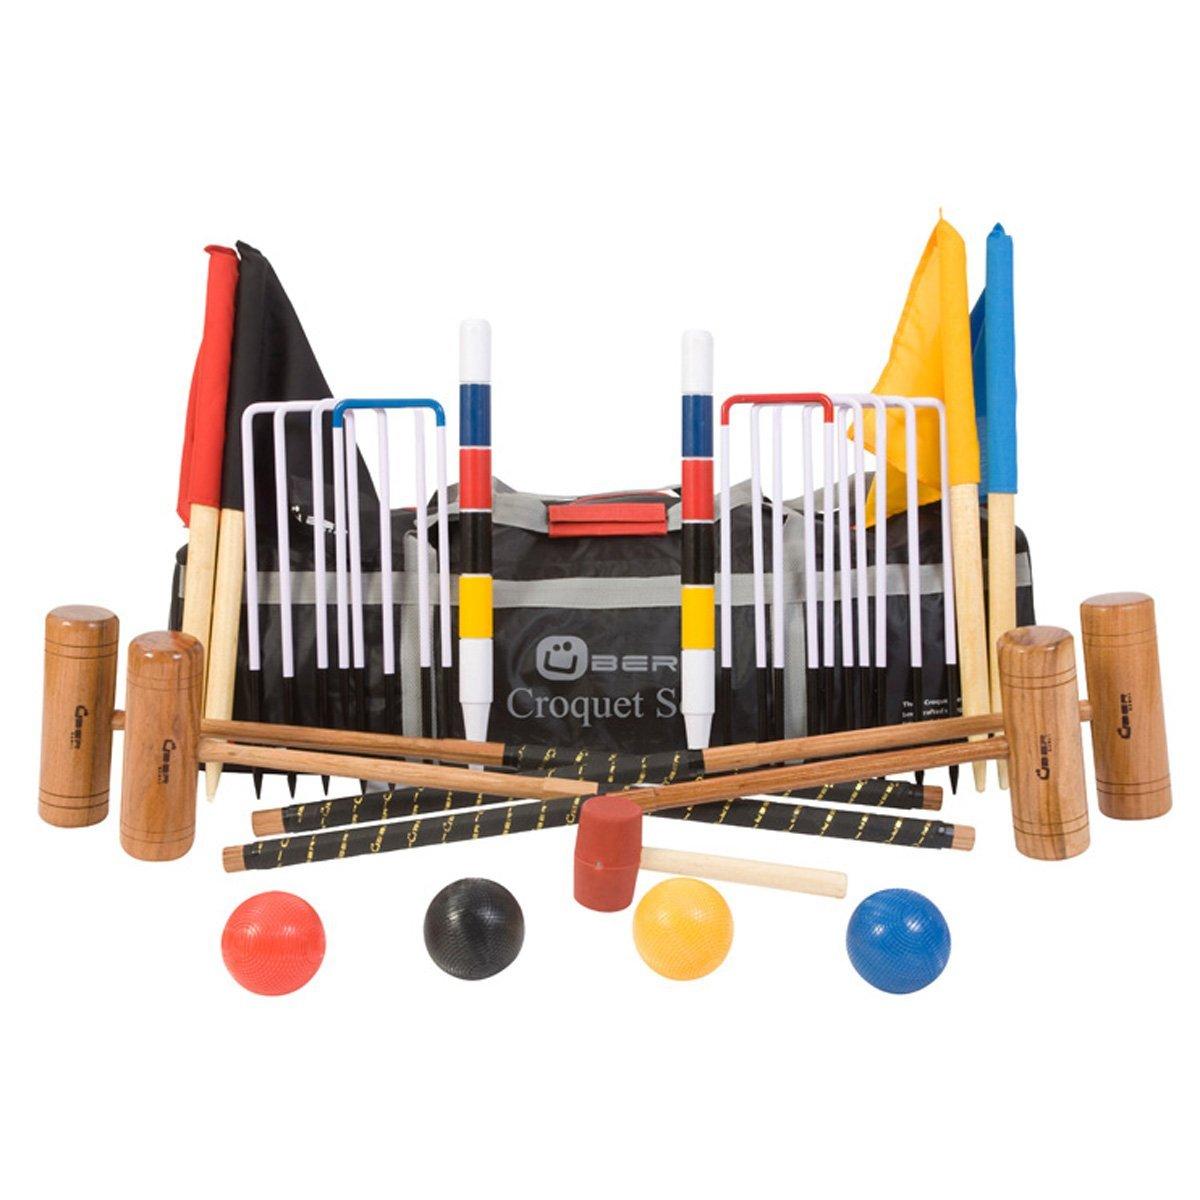 Übergames Extrem hochwertiges Pro Croquet / Krocket Set für Fortgeschrittene, aus ECO Hartholz Krocket Set - 4 Pers. mit Tasche